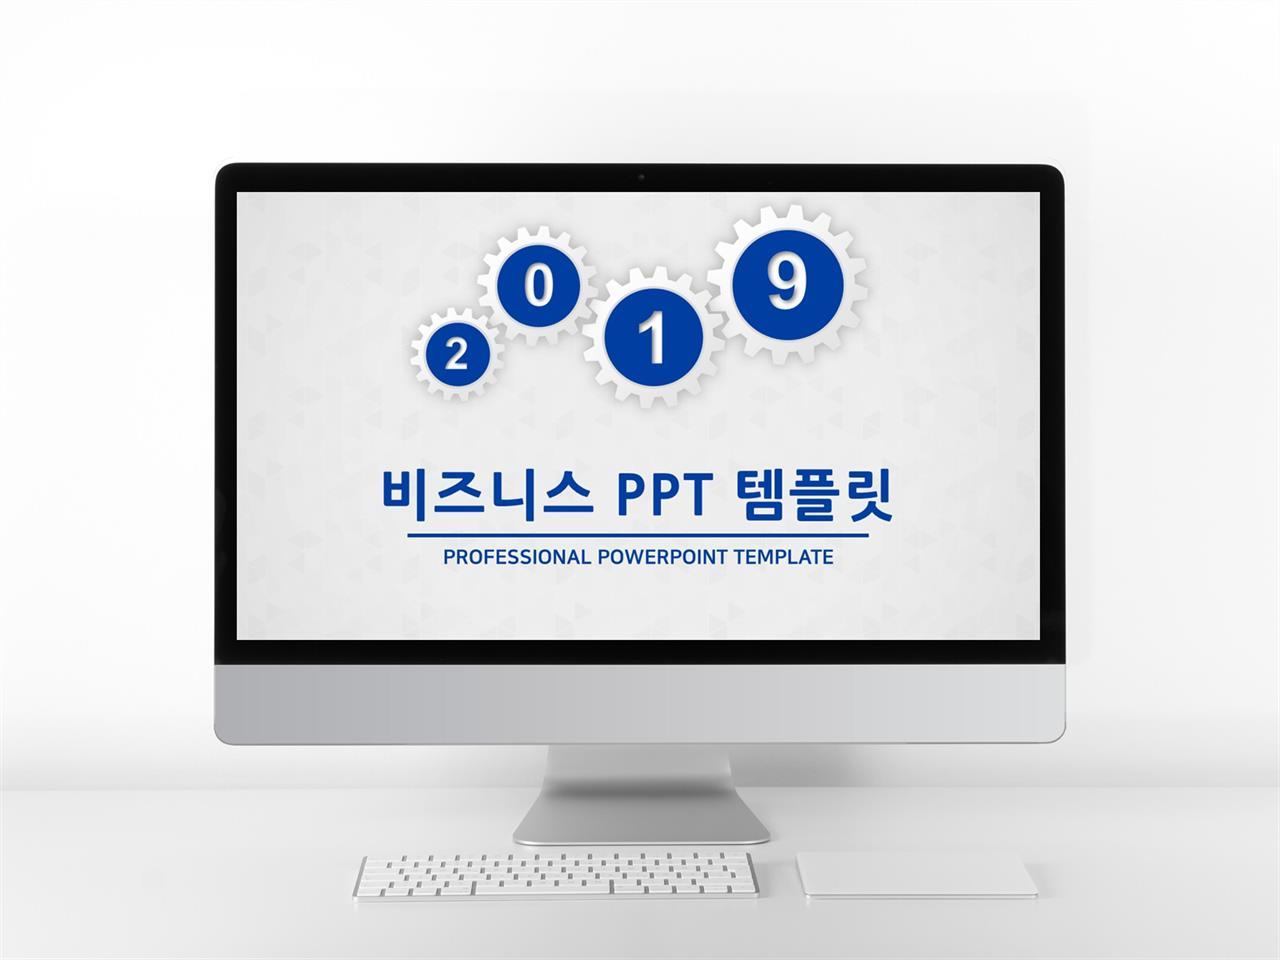 상업계획 푸른색 단정한 프로급 파워포인트테마 사이트 미리보기